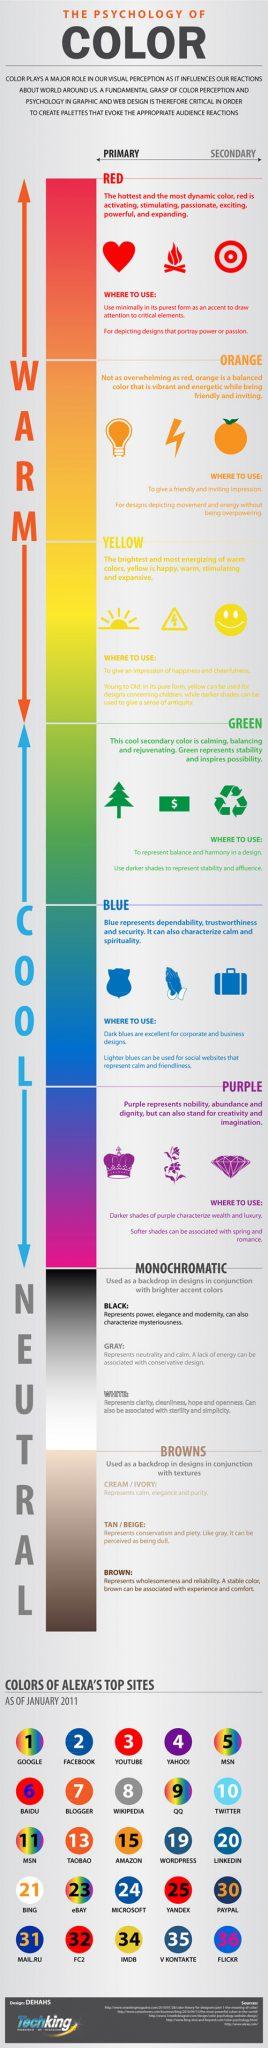 Psychologie van kleur (infographic)